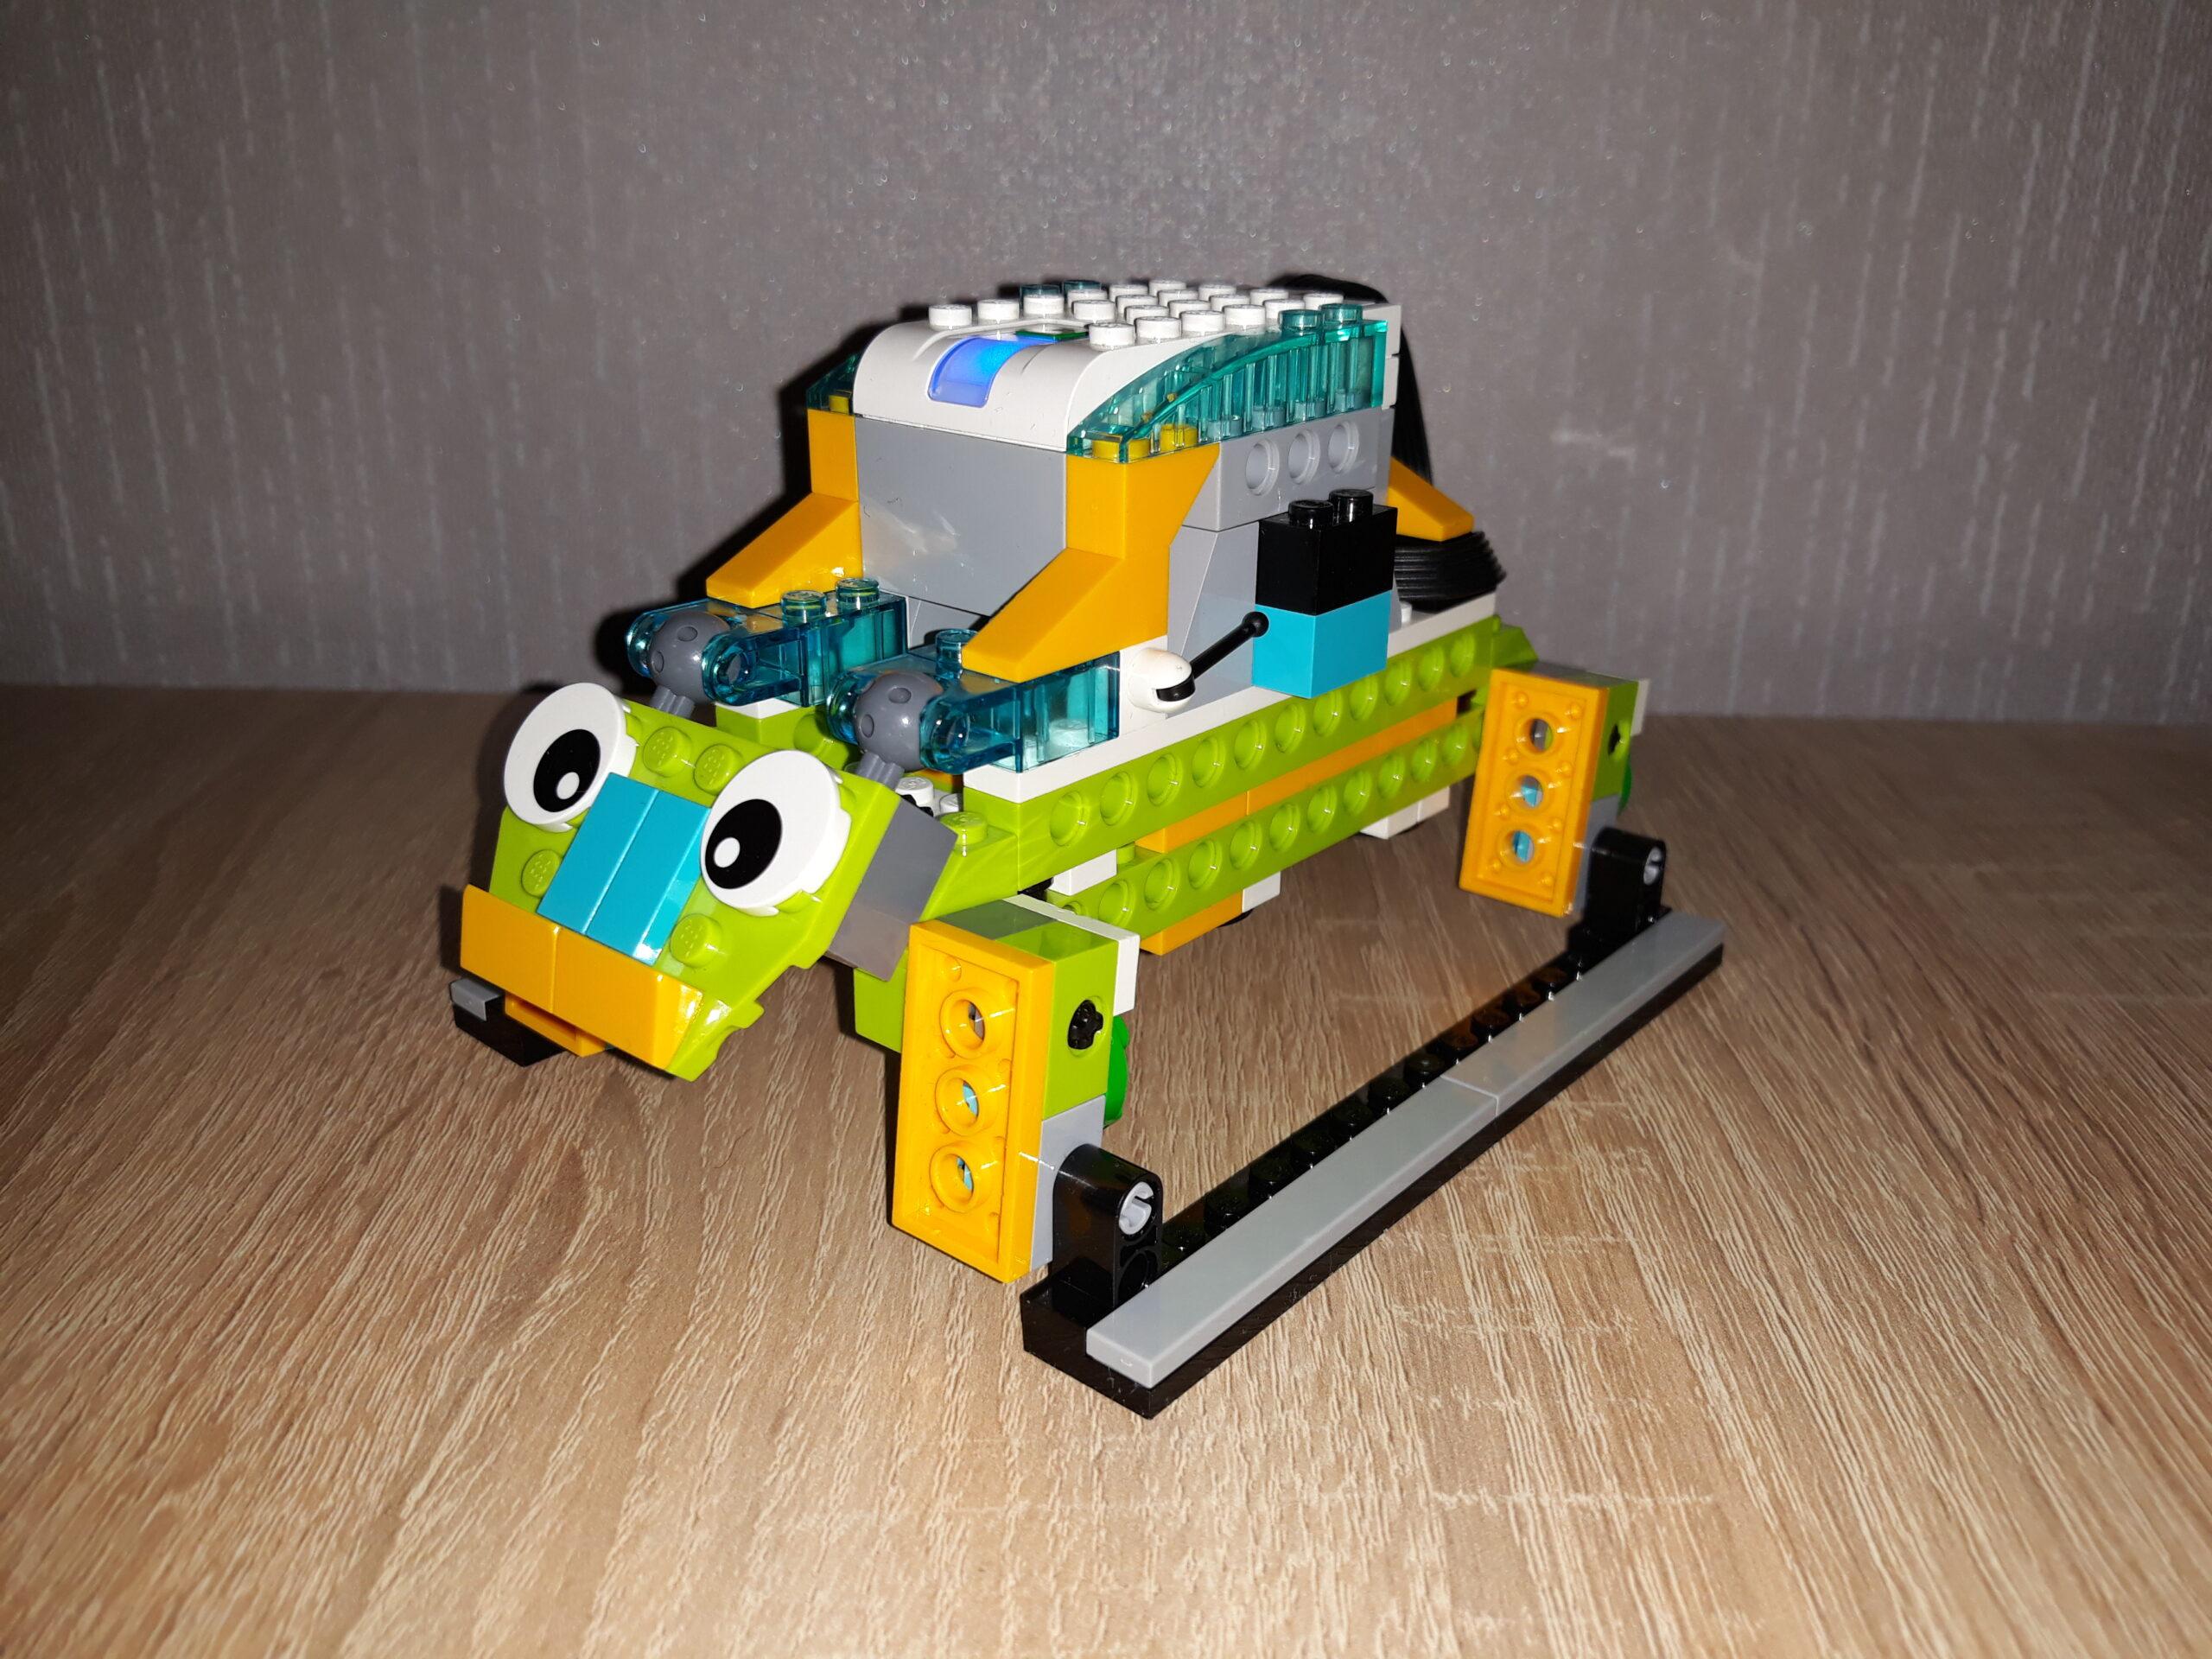 Инструкция по сборке из набора LEGO Education WeDo 2.0 Жук